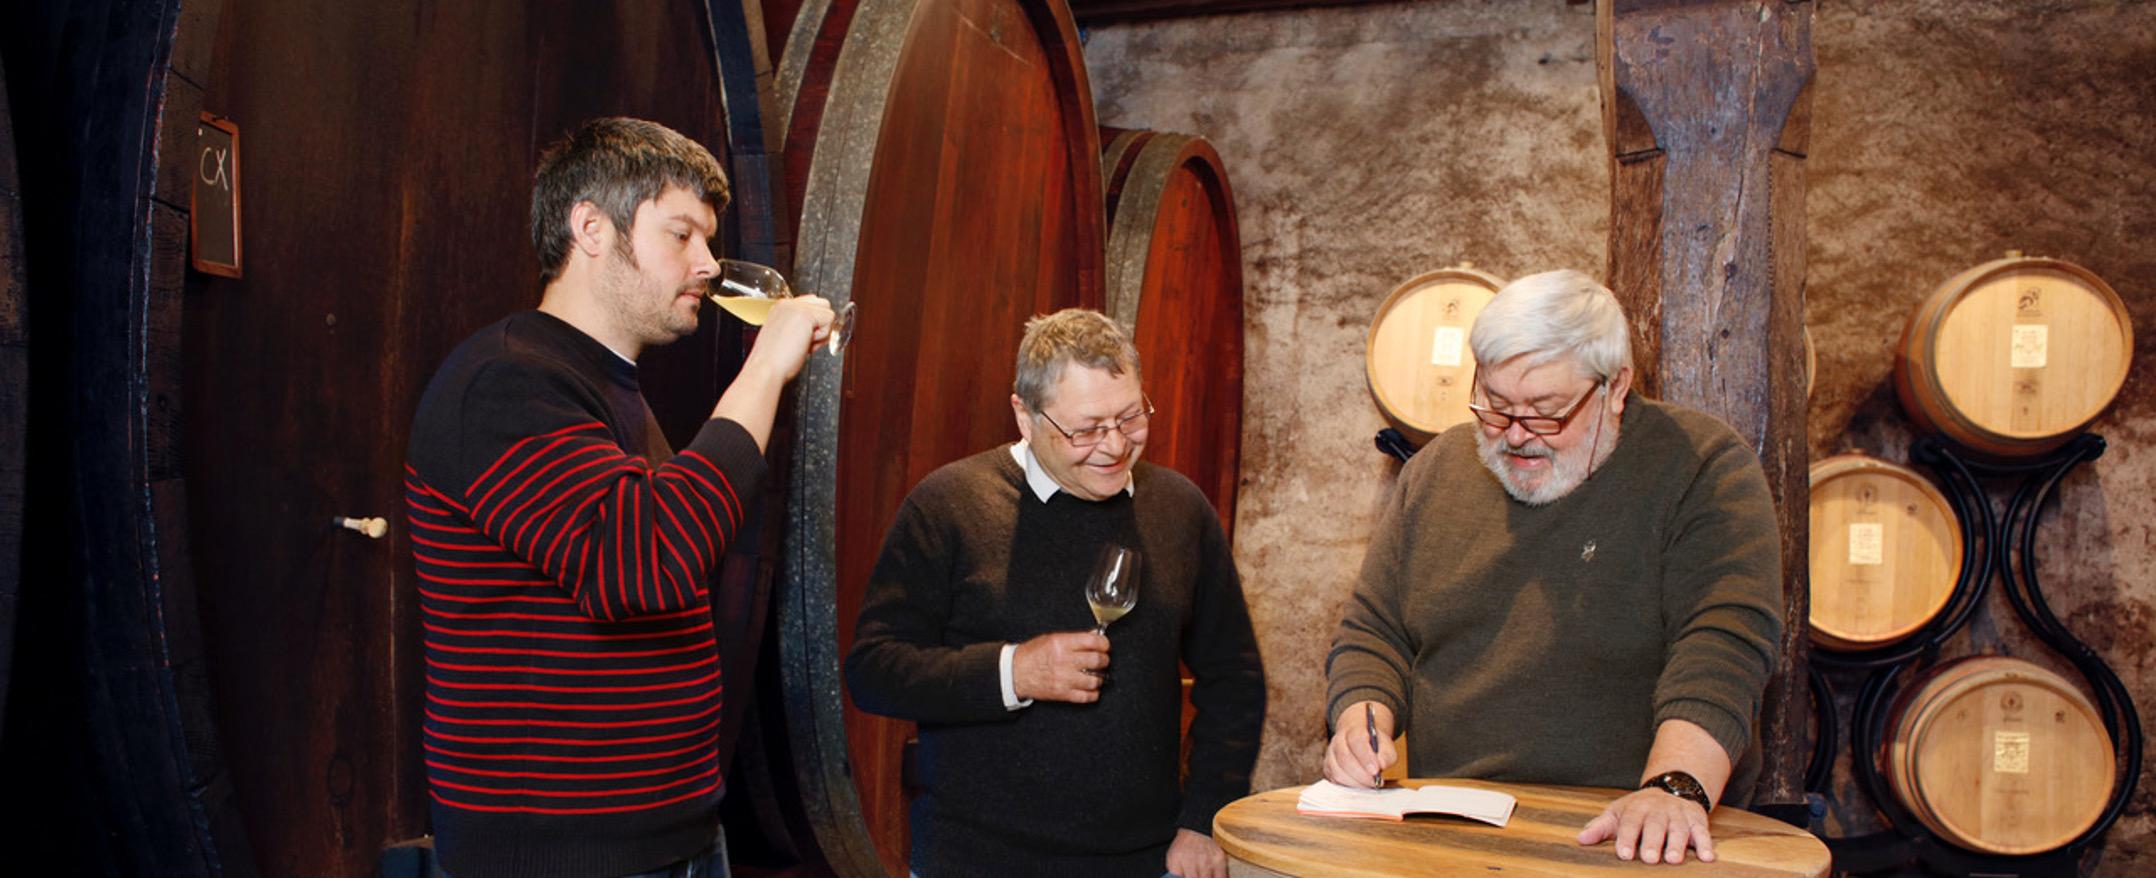 Guillame Potterat, Jacques Potterat et Jean-François Potterat